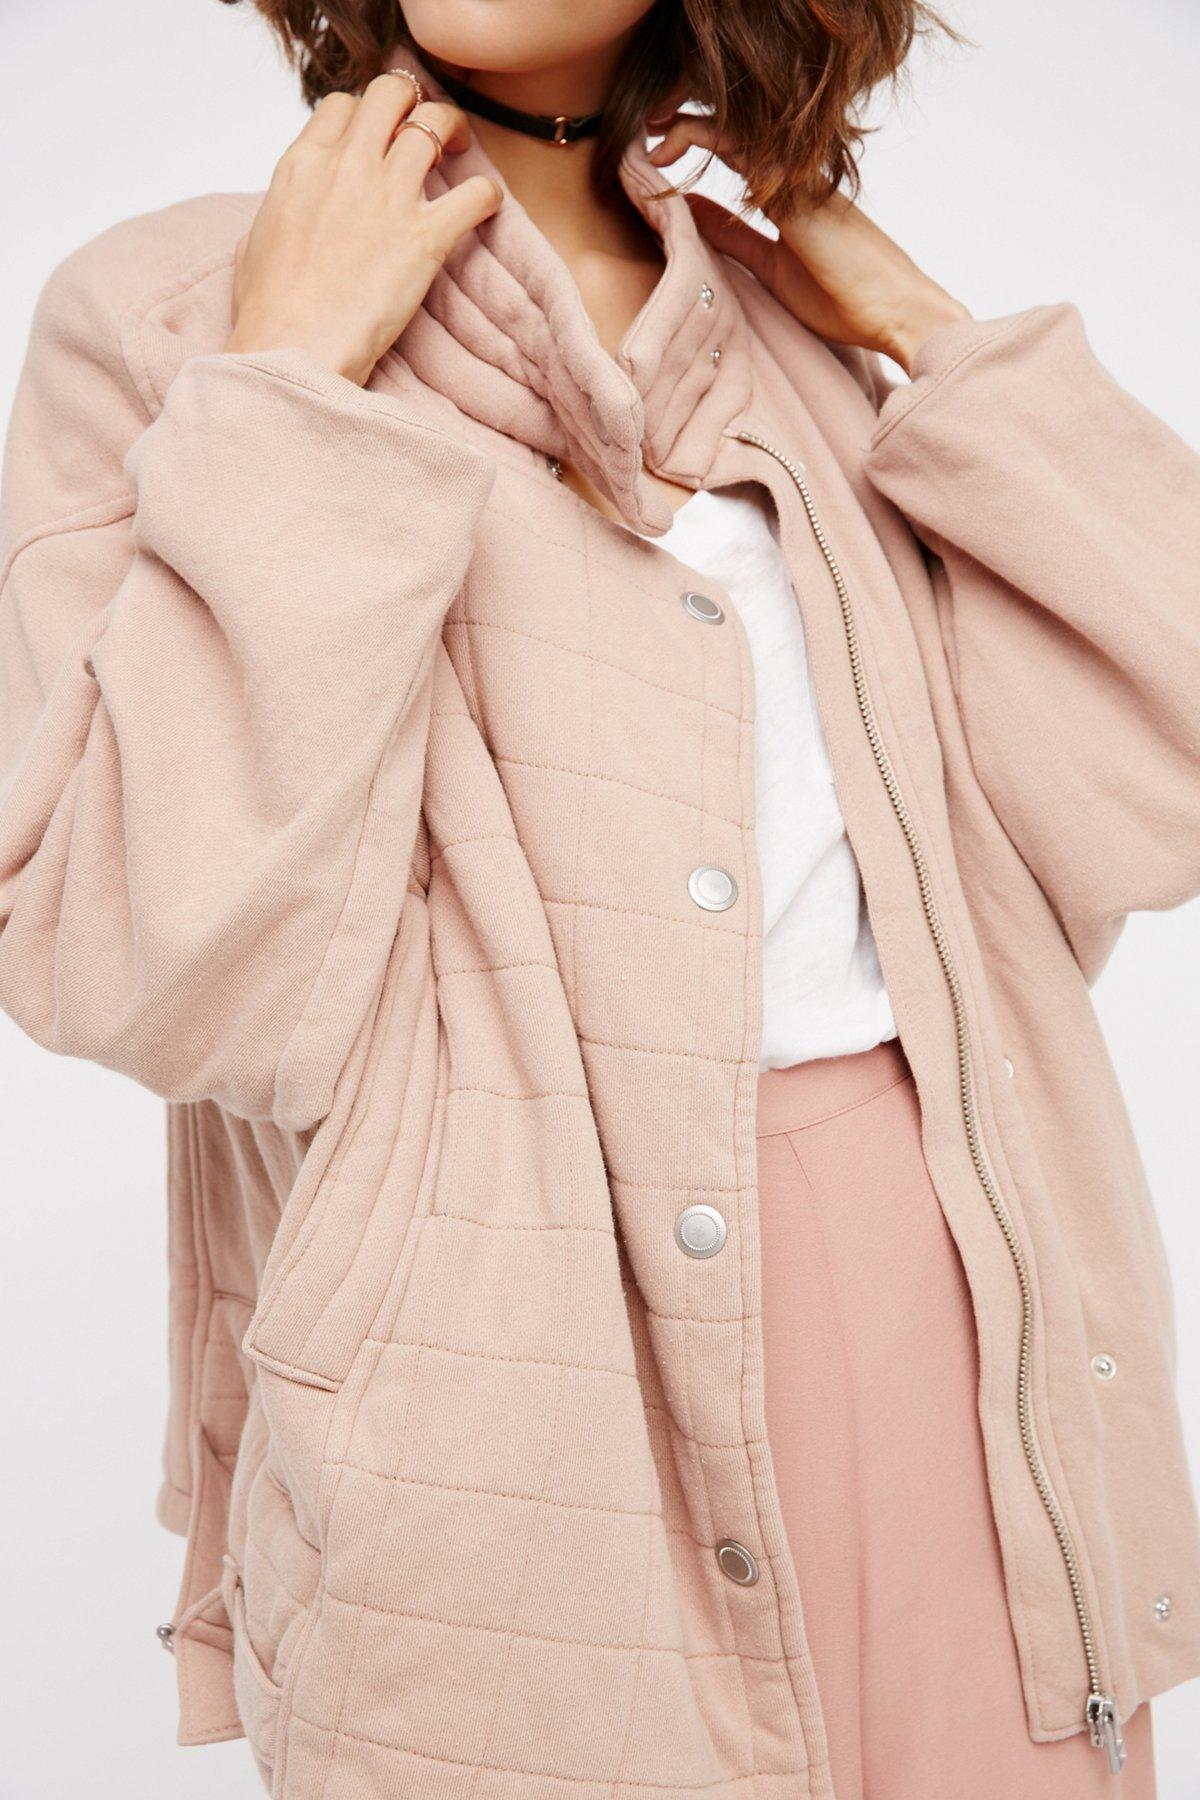 超大针织绗缝夹克